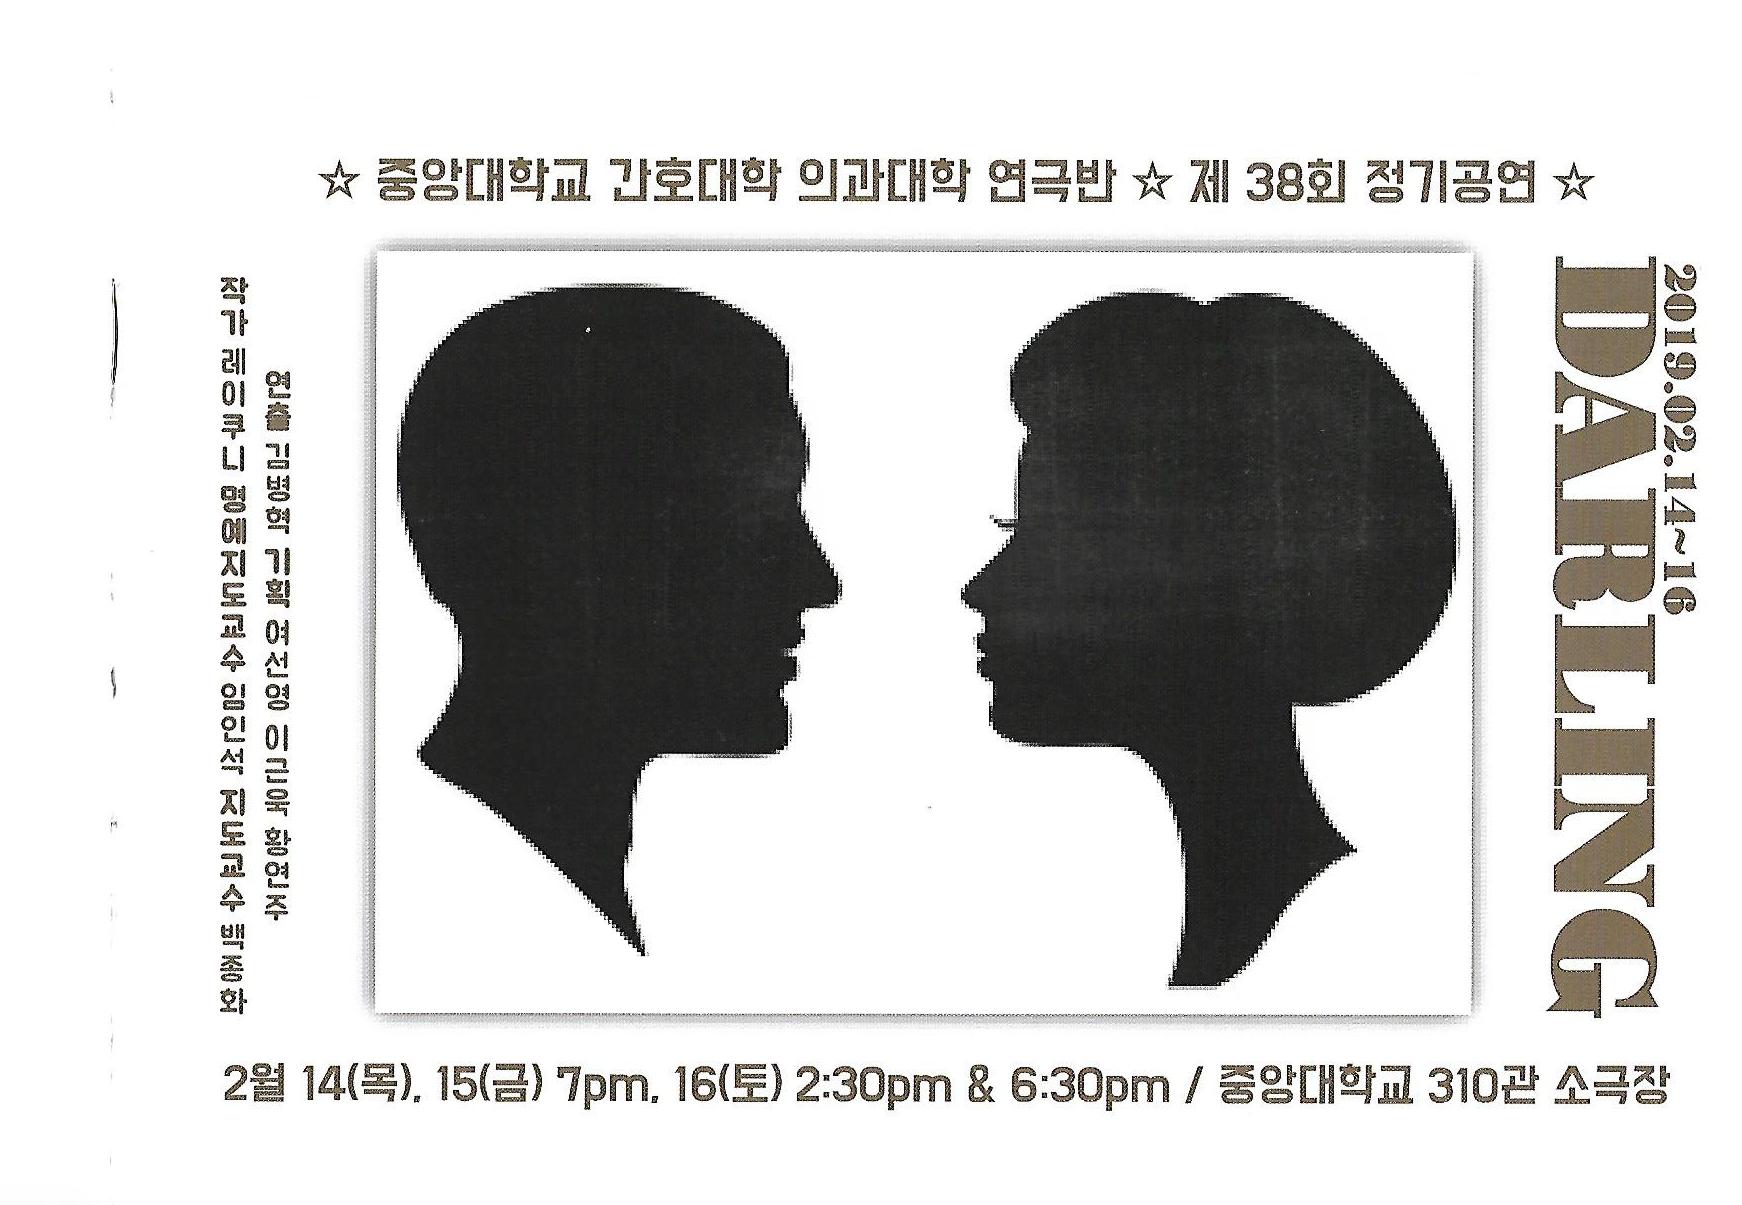 제38회정기공연.png